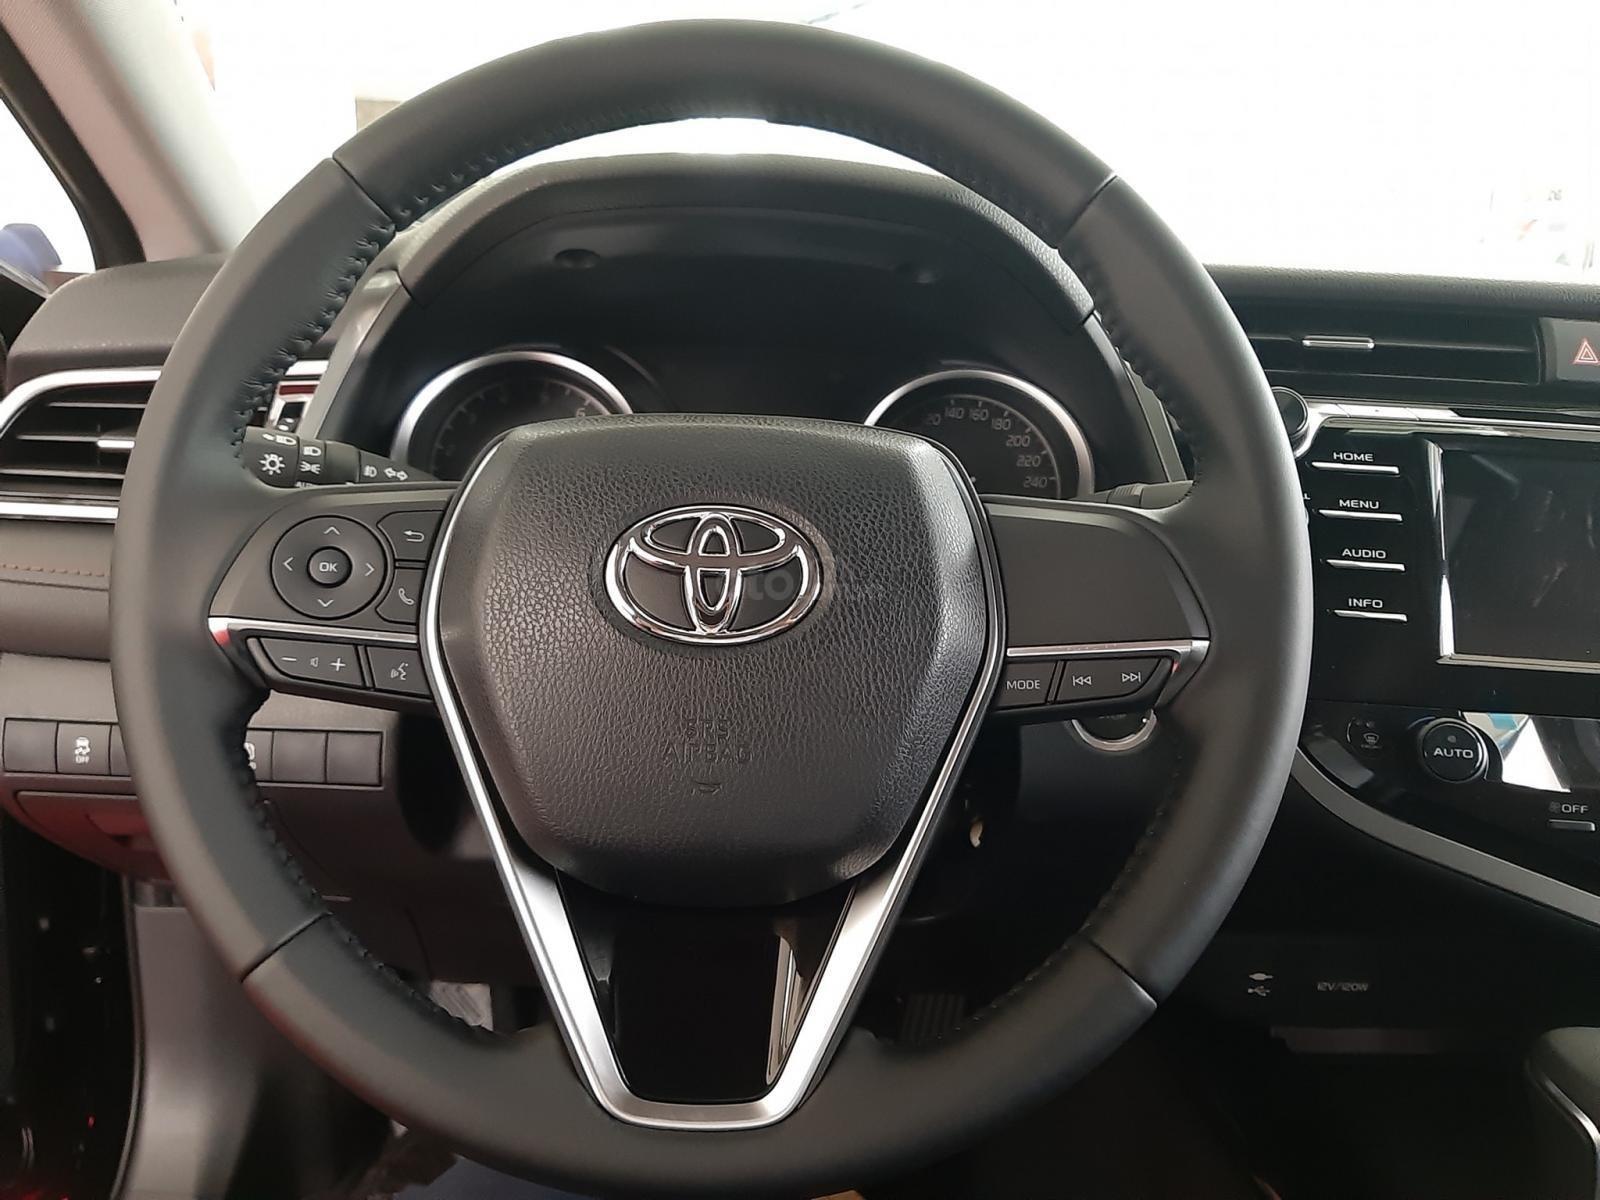 Toyota Thái Hoà Từ Liêm - Bán Toyota Camry 2019 nhập khẩu nguyên chiếc giá cực tốt. LH 0964898932 để có giá tốt nhất-7